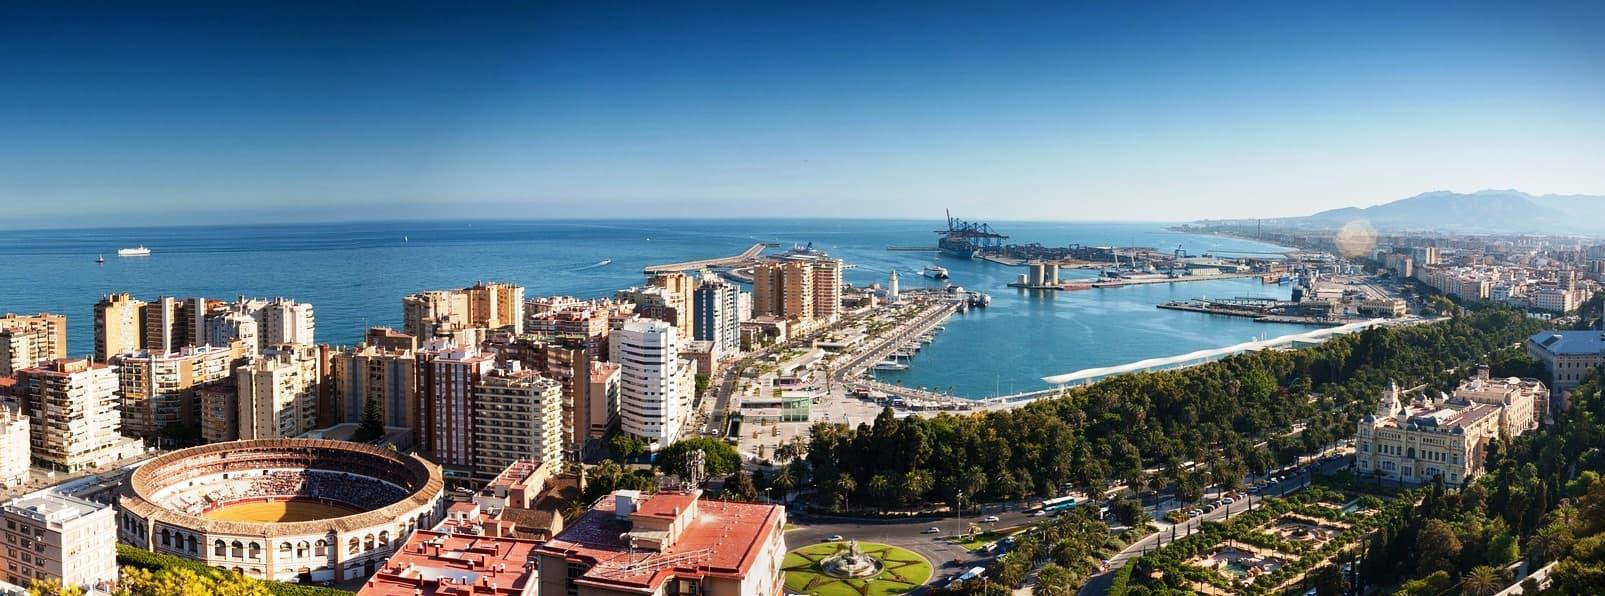 Málaga – Sehenswürdigkeiten in der Metropole Südspaniens